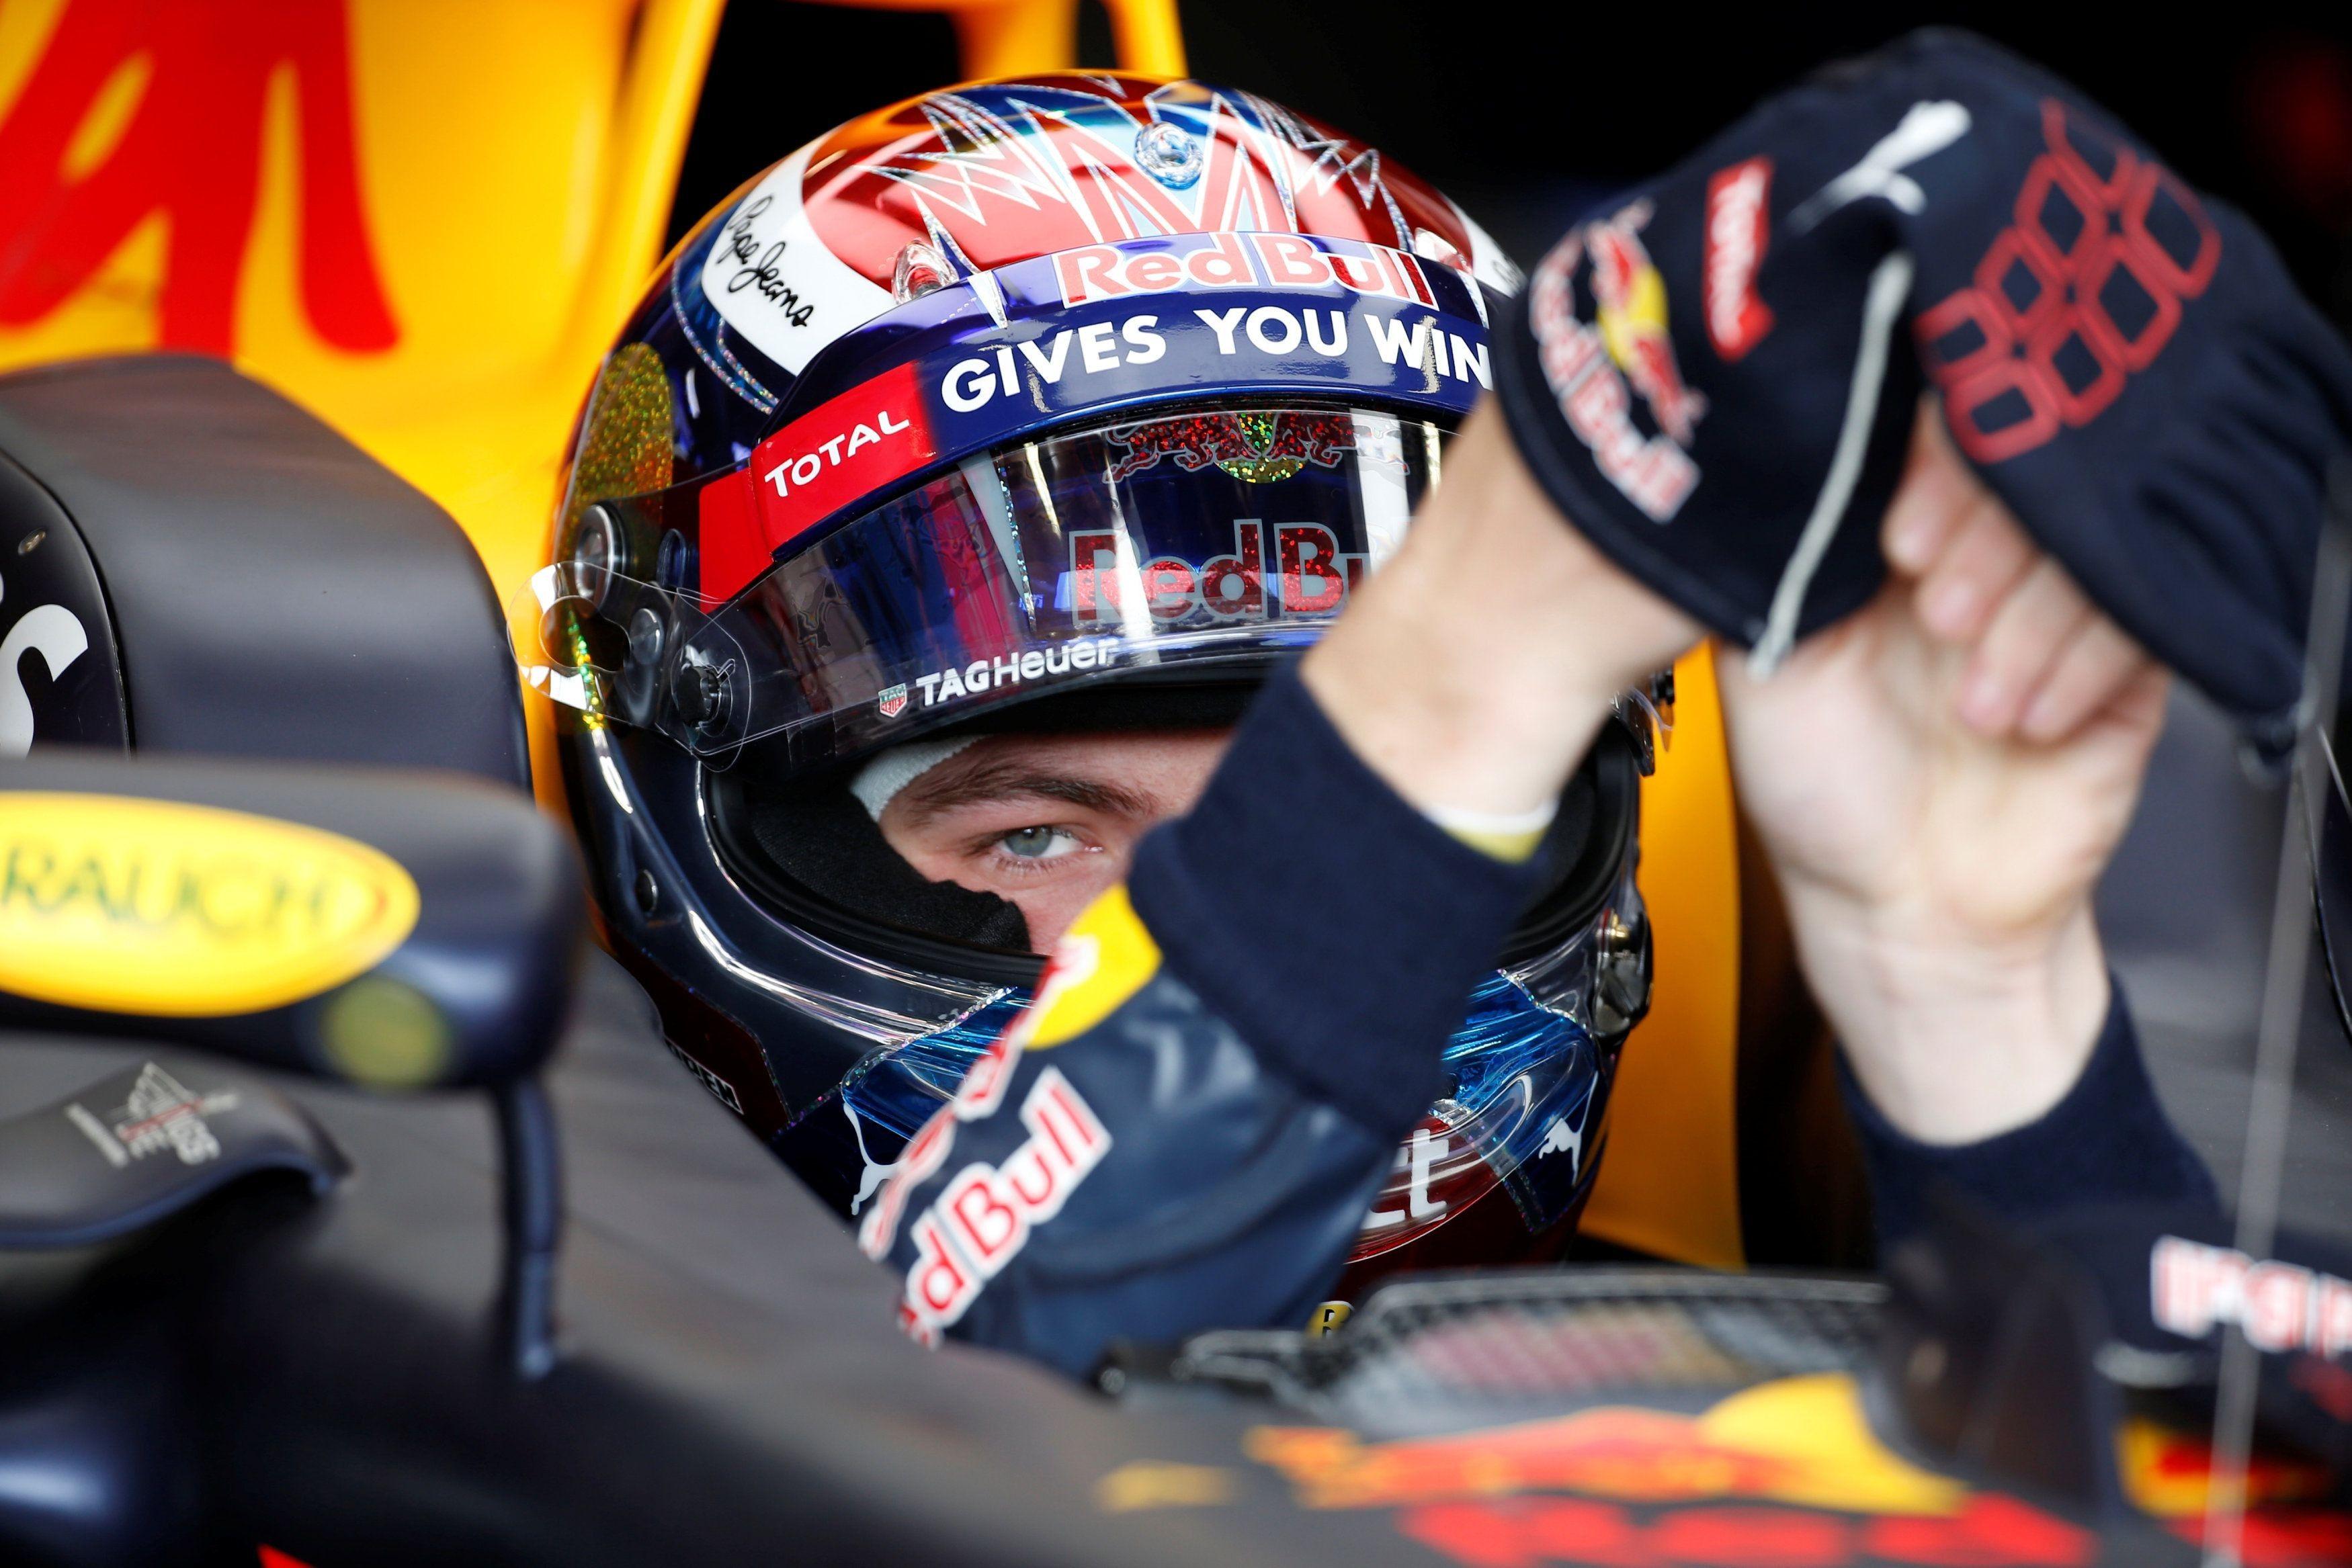 Результат гонщика «Торо Россо» Квята вквалификации Гран-при Монако может быть аннулирован